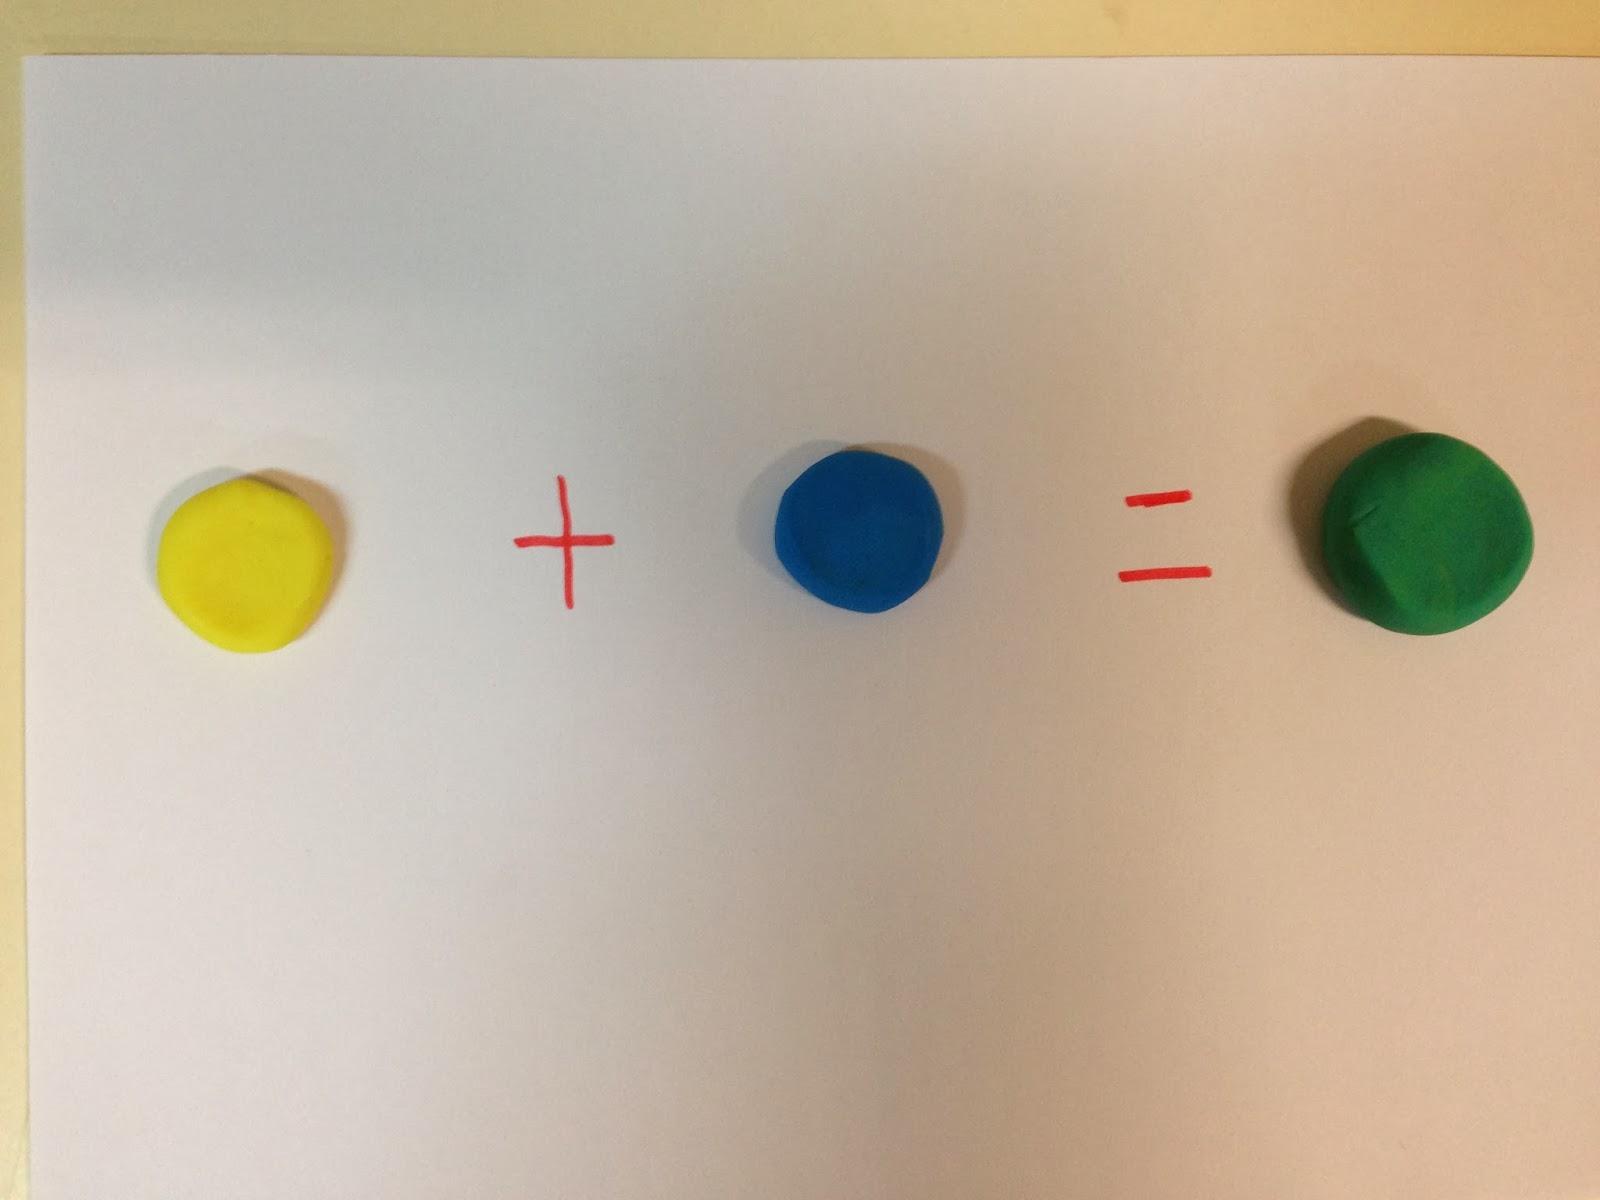 Ceip jaime balmes mezcla de colores azul amarillo verde for Colores de pintura azul